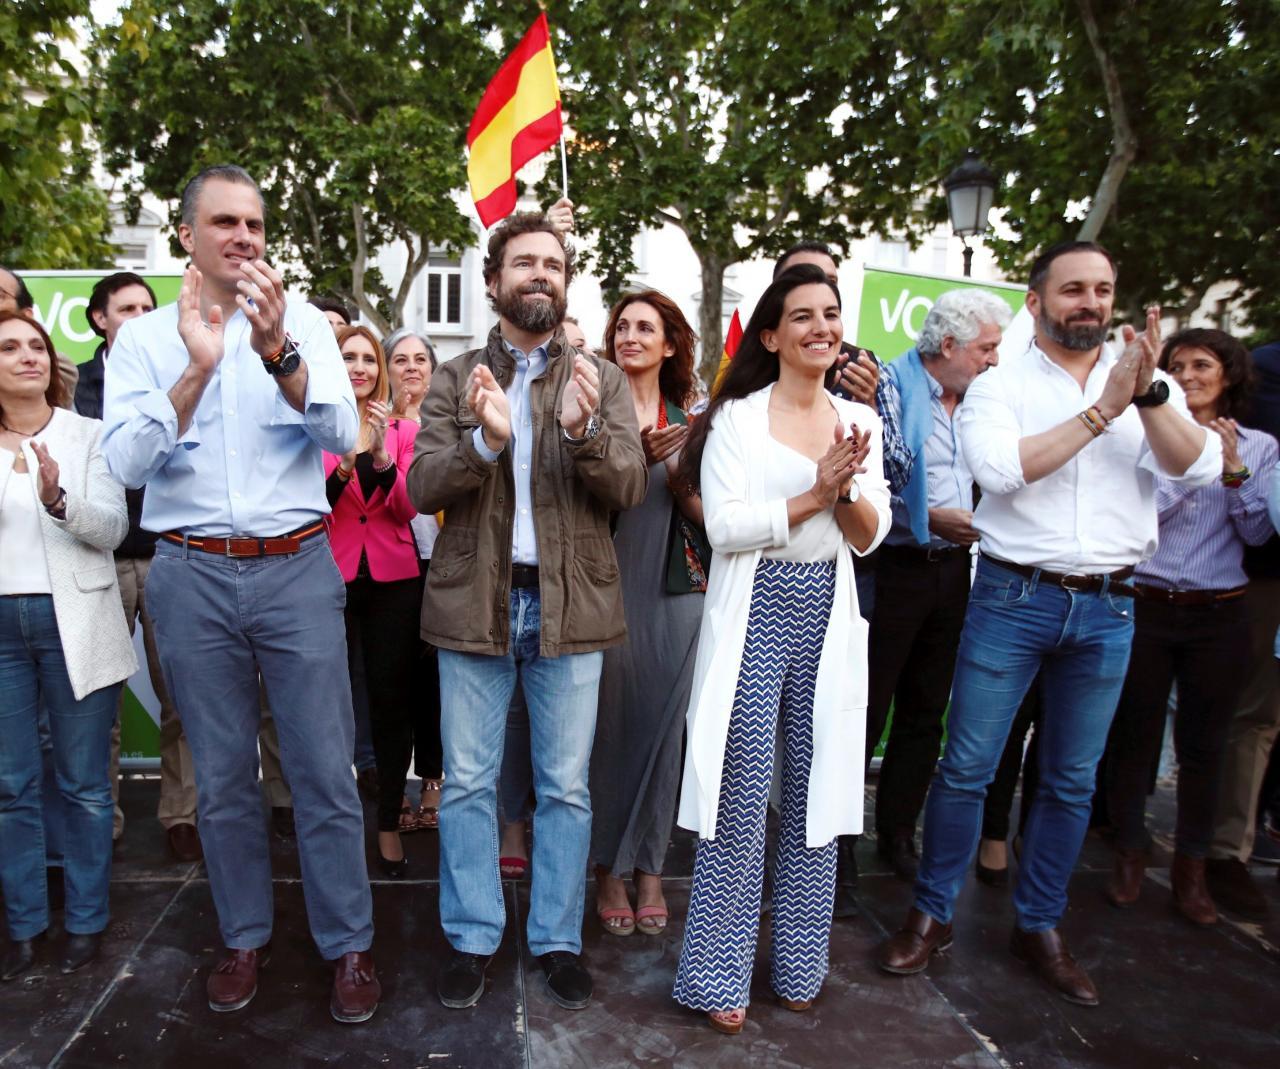 Cierre de campaña de Vox en Madrid